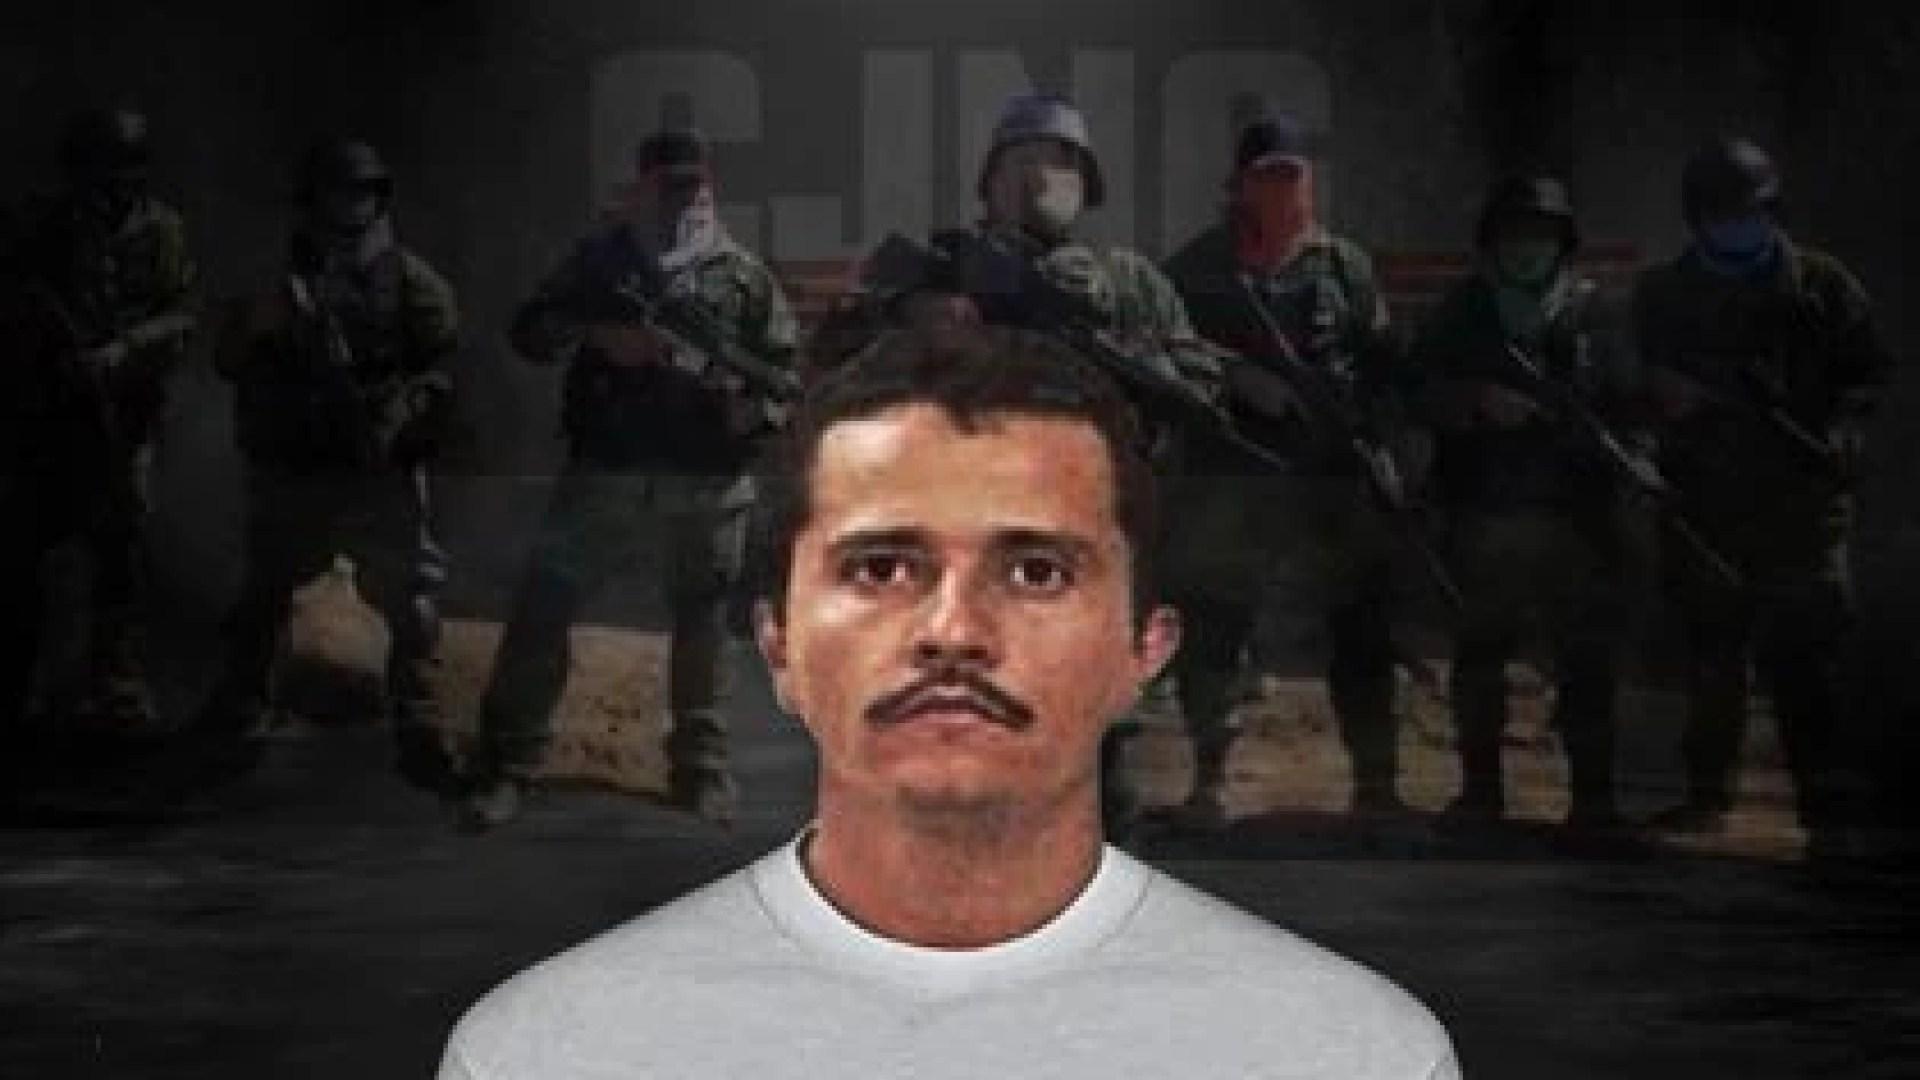 El Mencho, líder del CJNG, está en la lista de los más buscados por la DEA, agencia que ofrece 10 millones de dólares por datos que lleven a su captura  (Fotoarte: Steve Allen)